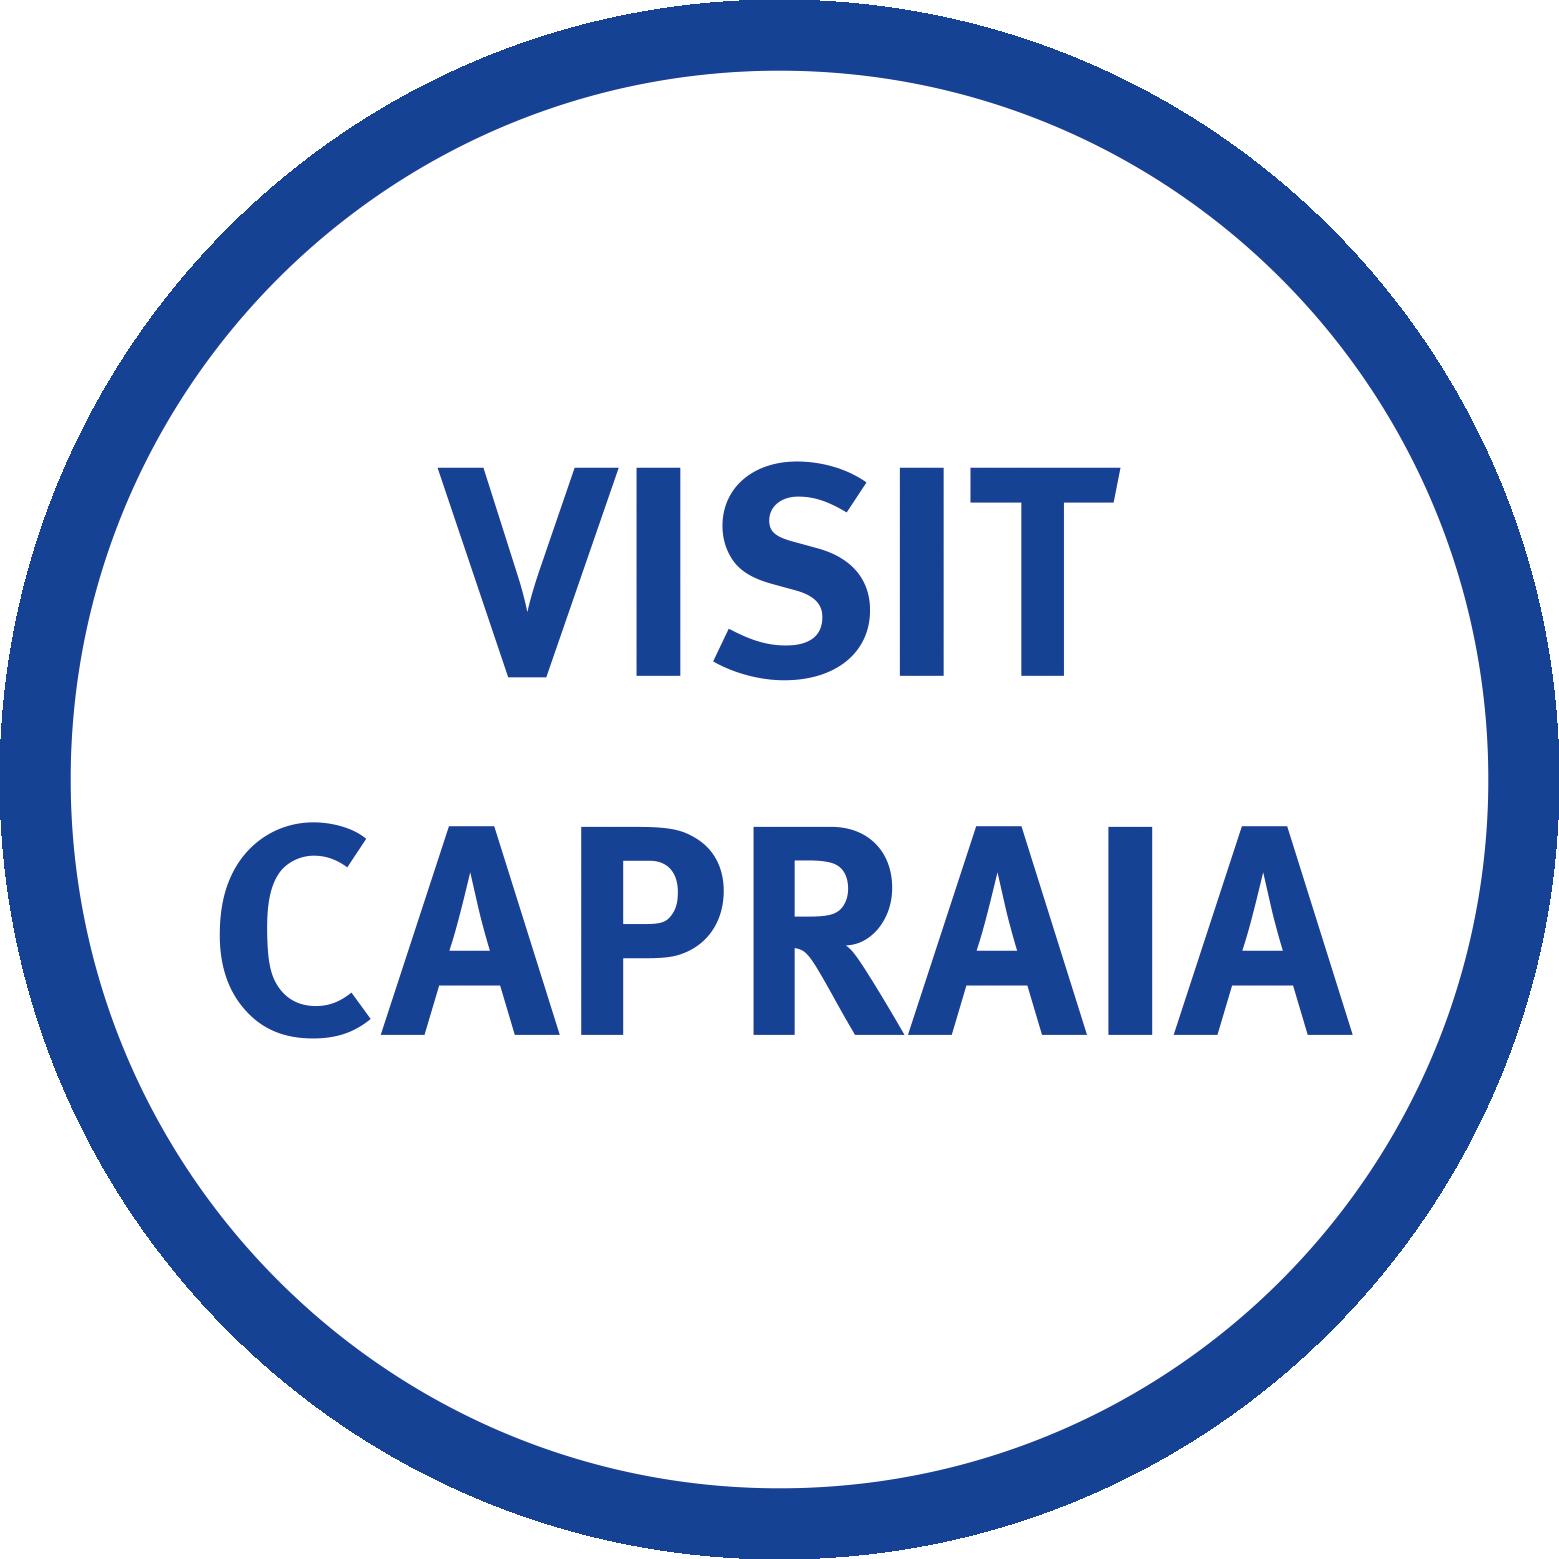 Visit Capraia